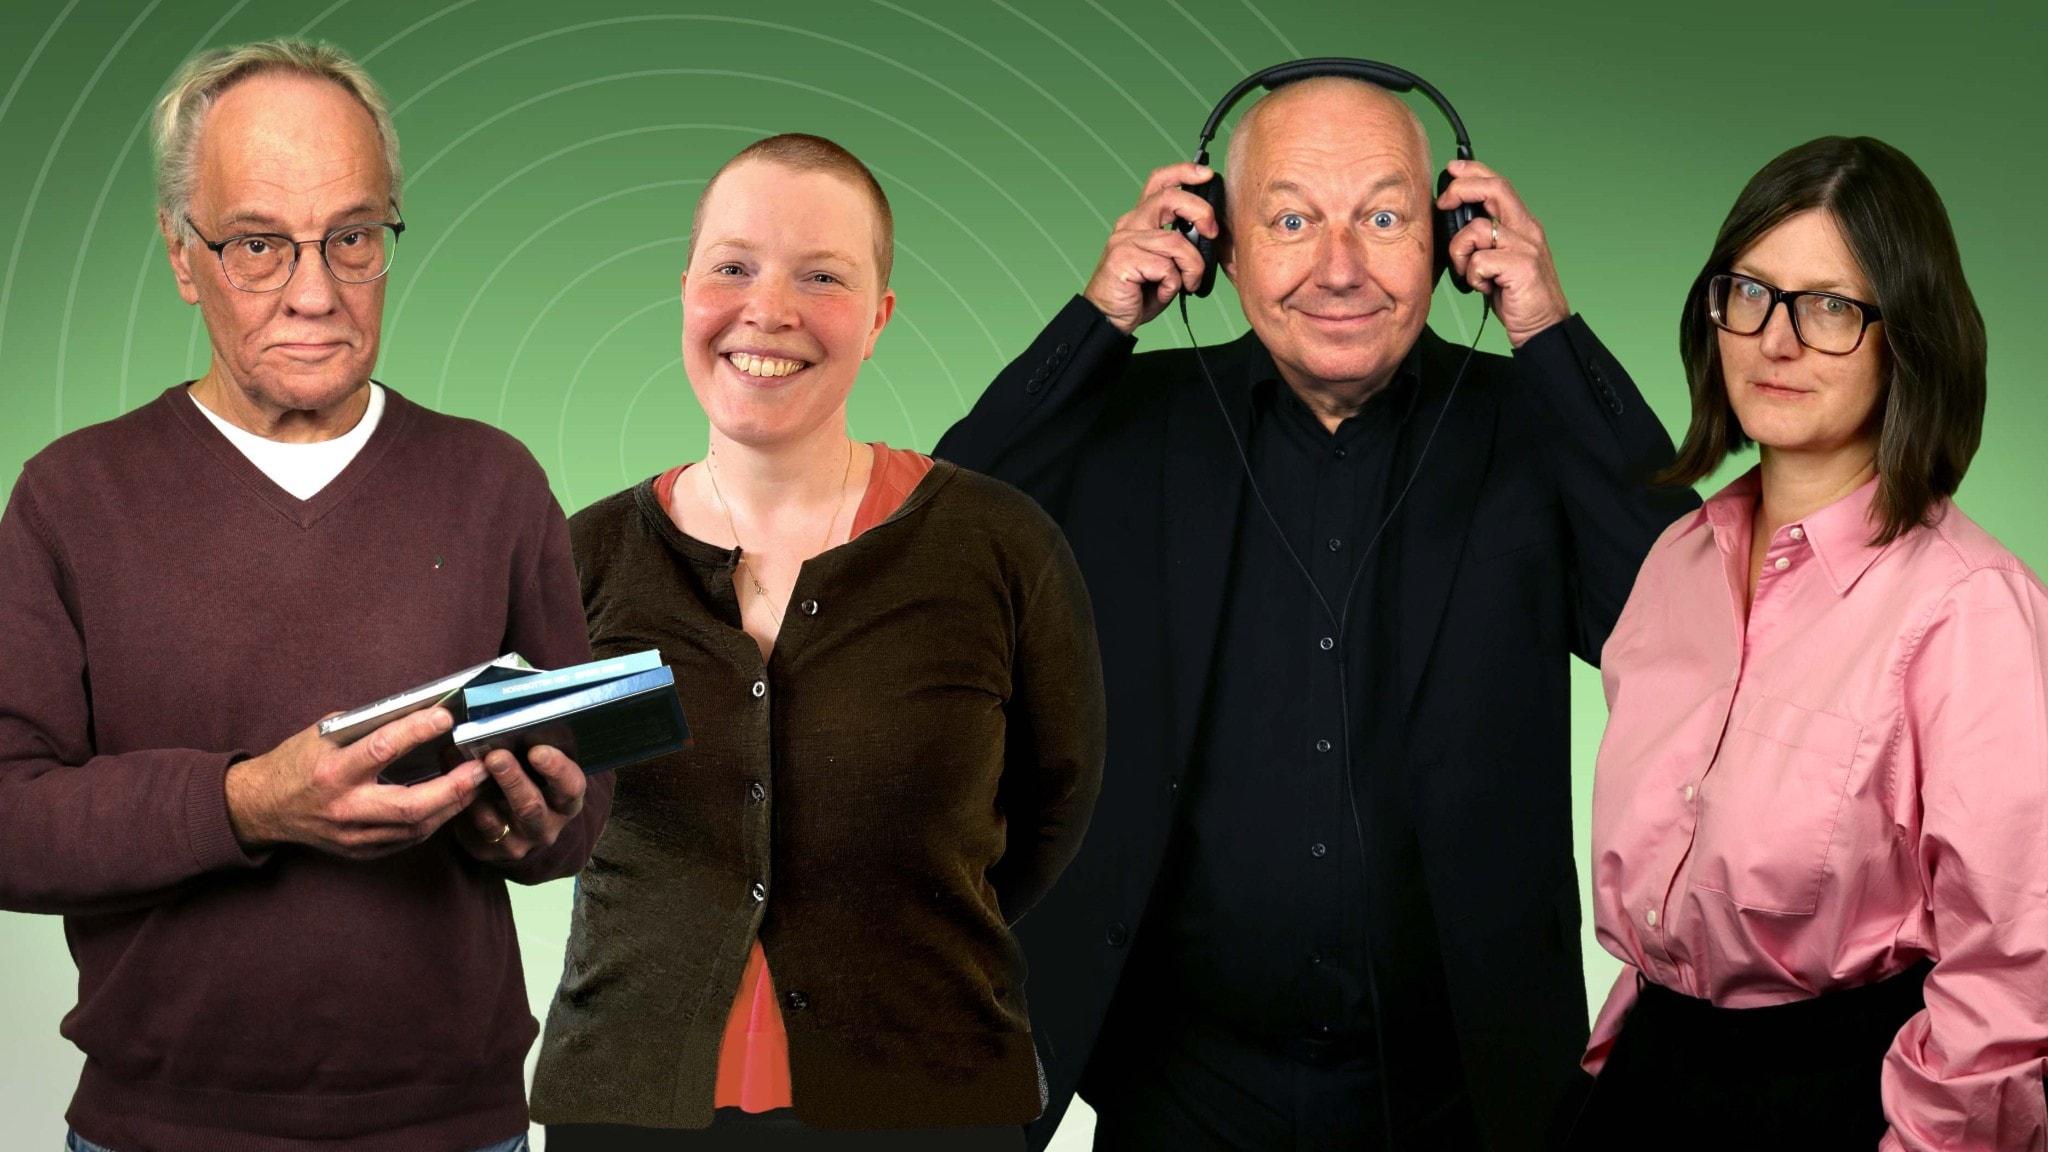 Bild: Musikrevyn i P2 vecka 38 består av panelisterna Per Lindqvist, Hanna Höglund, Måns Tegnér och programledare Sara Norling.